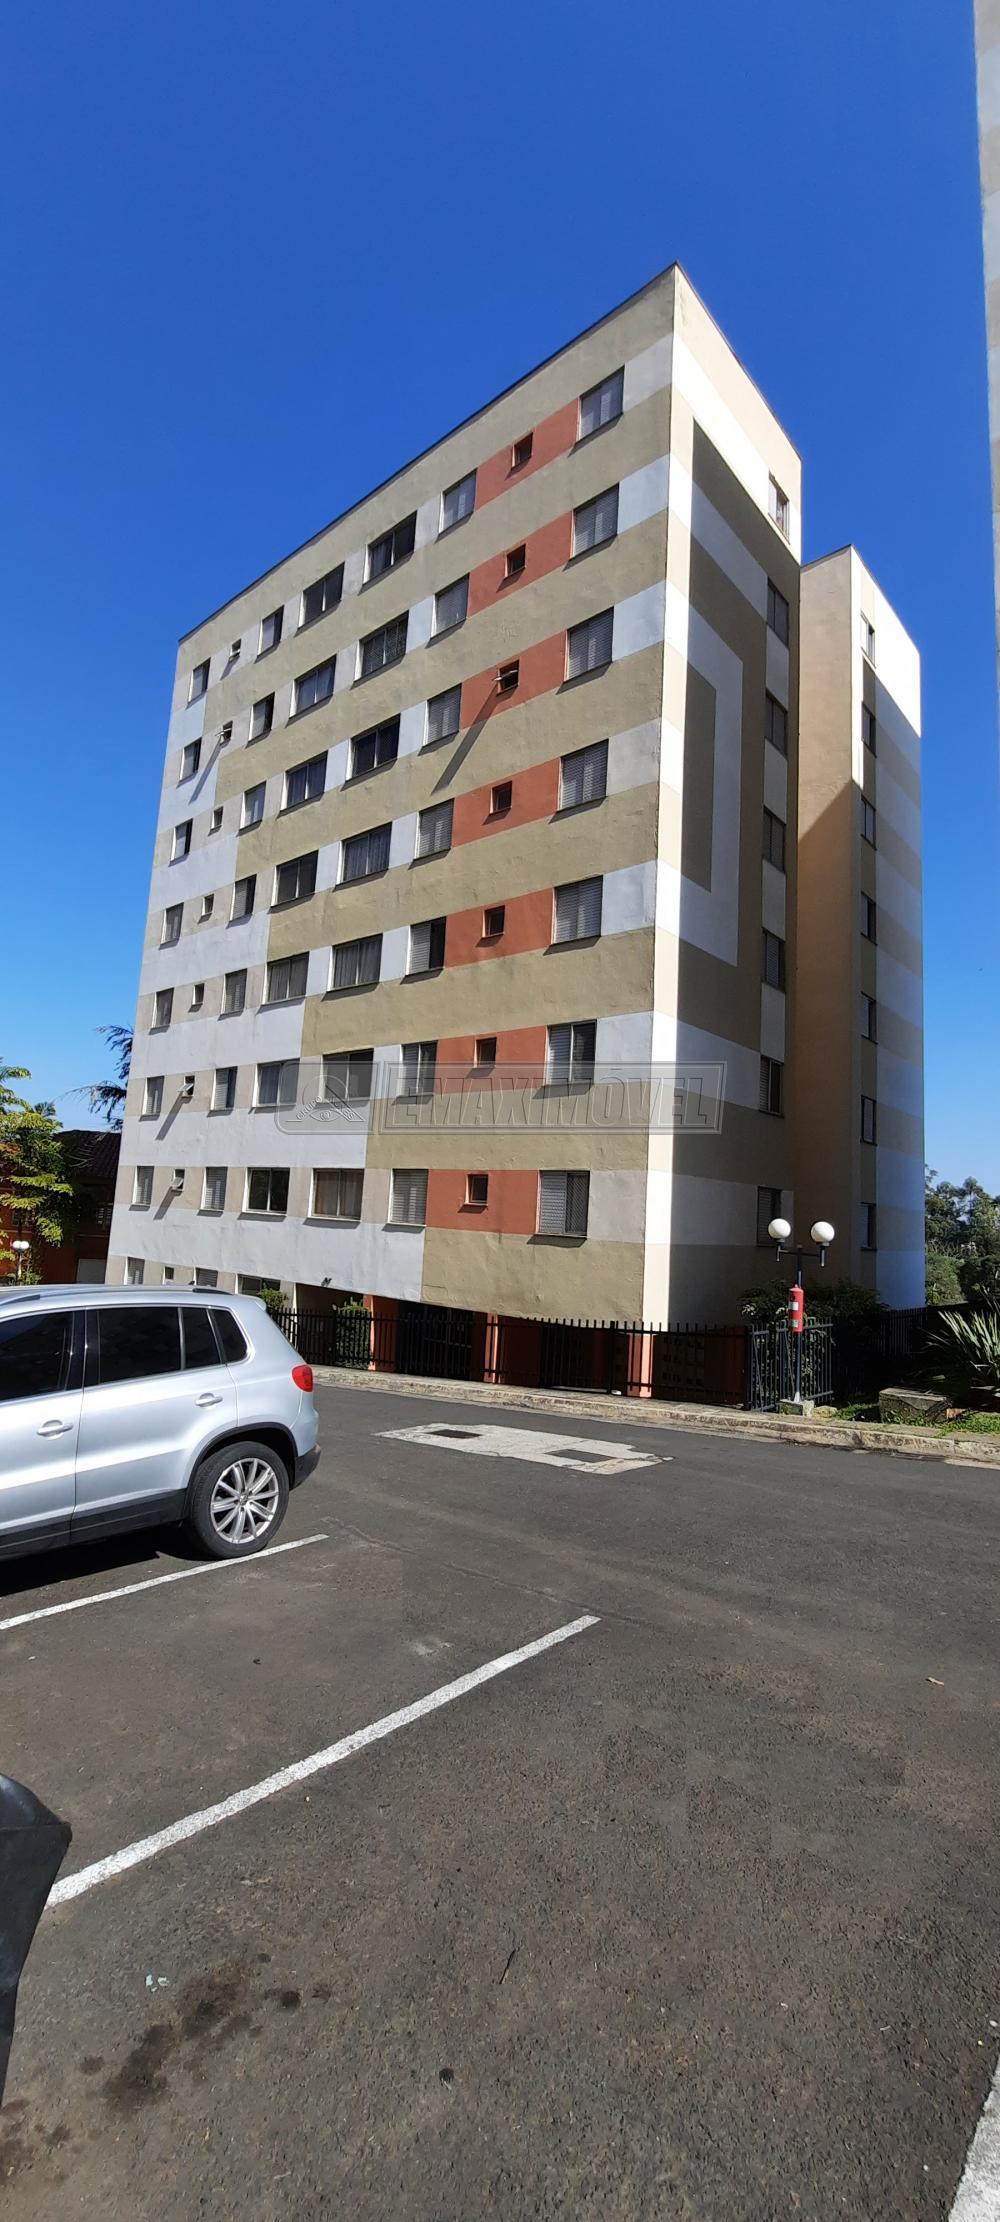 Alugar Apartamento / Padrão em Votorantim R$ 800,00 - Foto 1